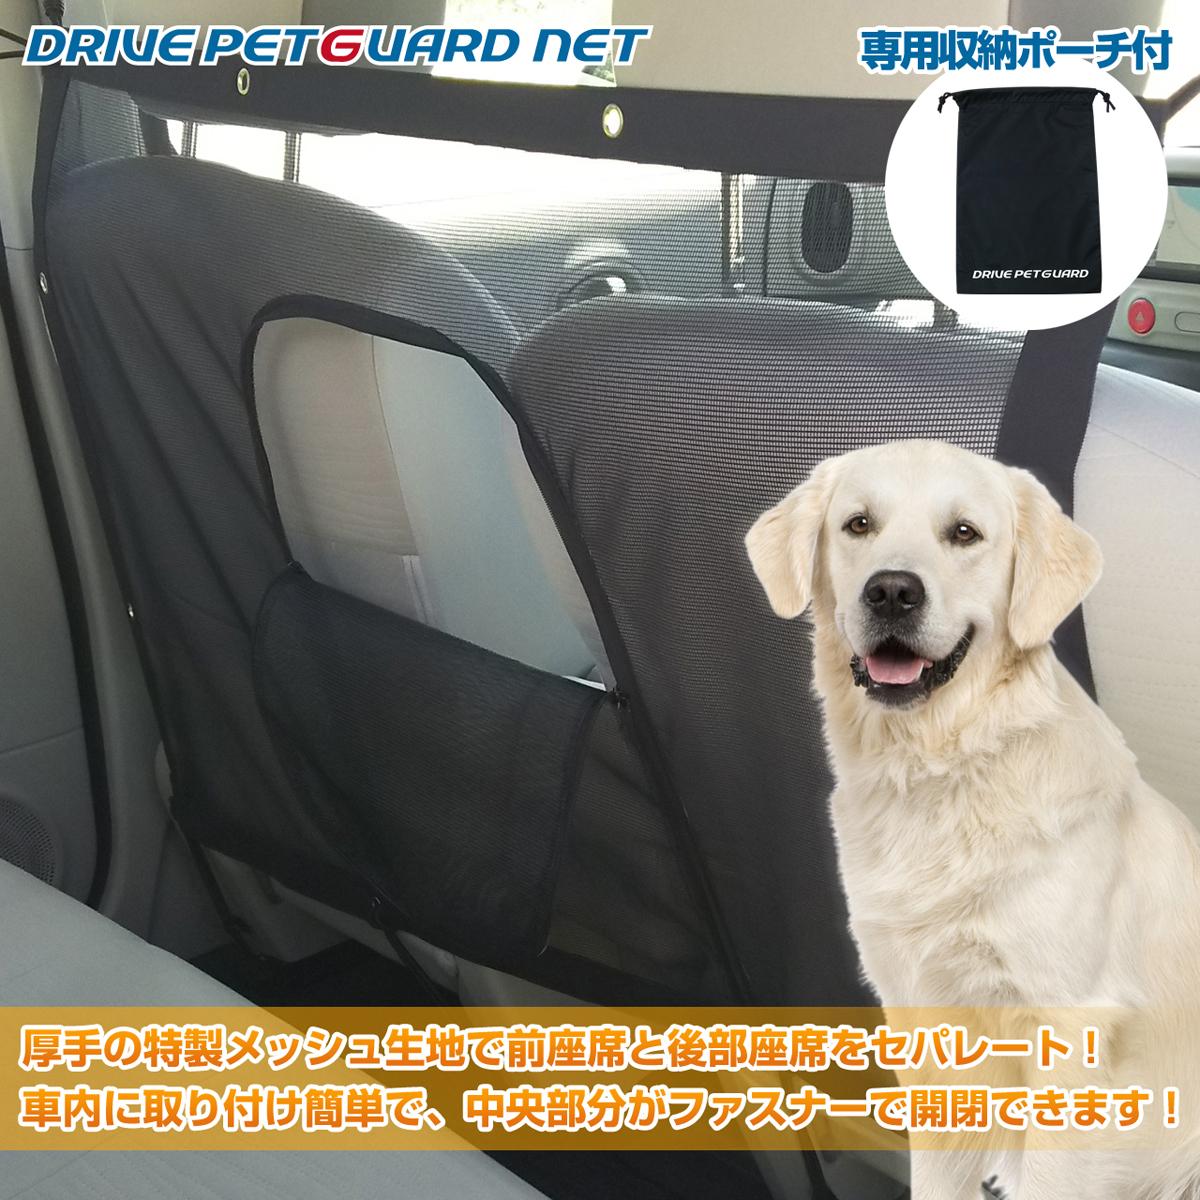 車内の前座席と後部座席の間をセパレートする、大型メッシュネットです!中央部分が開閉するので便利です! 愛犬とのコミュニケーションがとれるメッシュネット(大口開閉ファスナー付き) DRIVE PET GUARD NET (ドライブ ペットガード ネット) 前座席と後部座席をセパレート!収納袋付き!